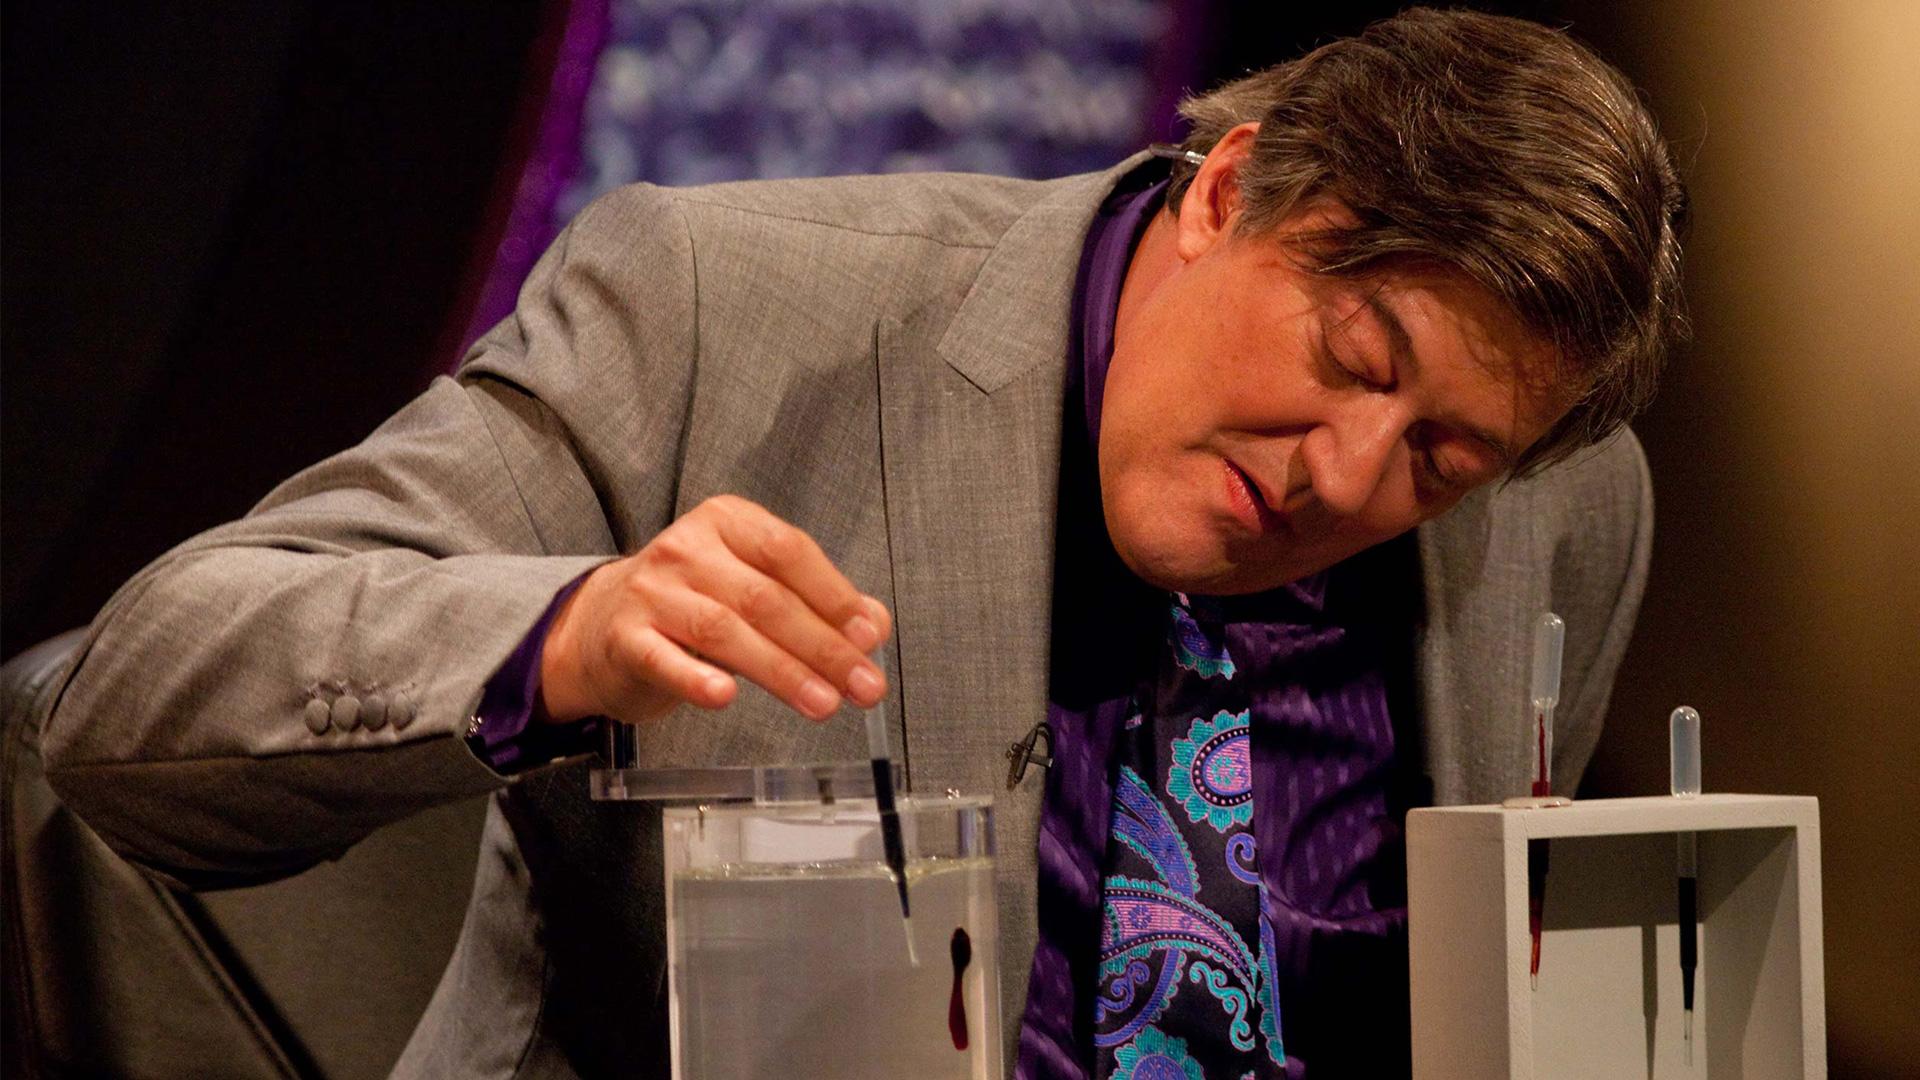 Watch celebrity juice season 1 episode